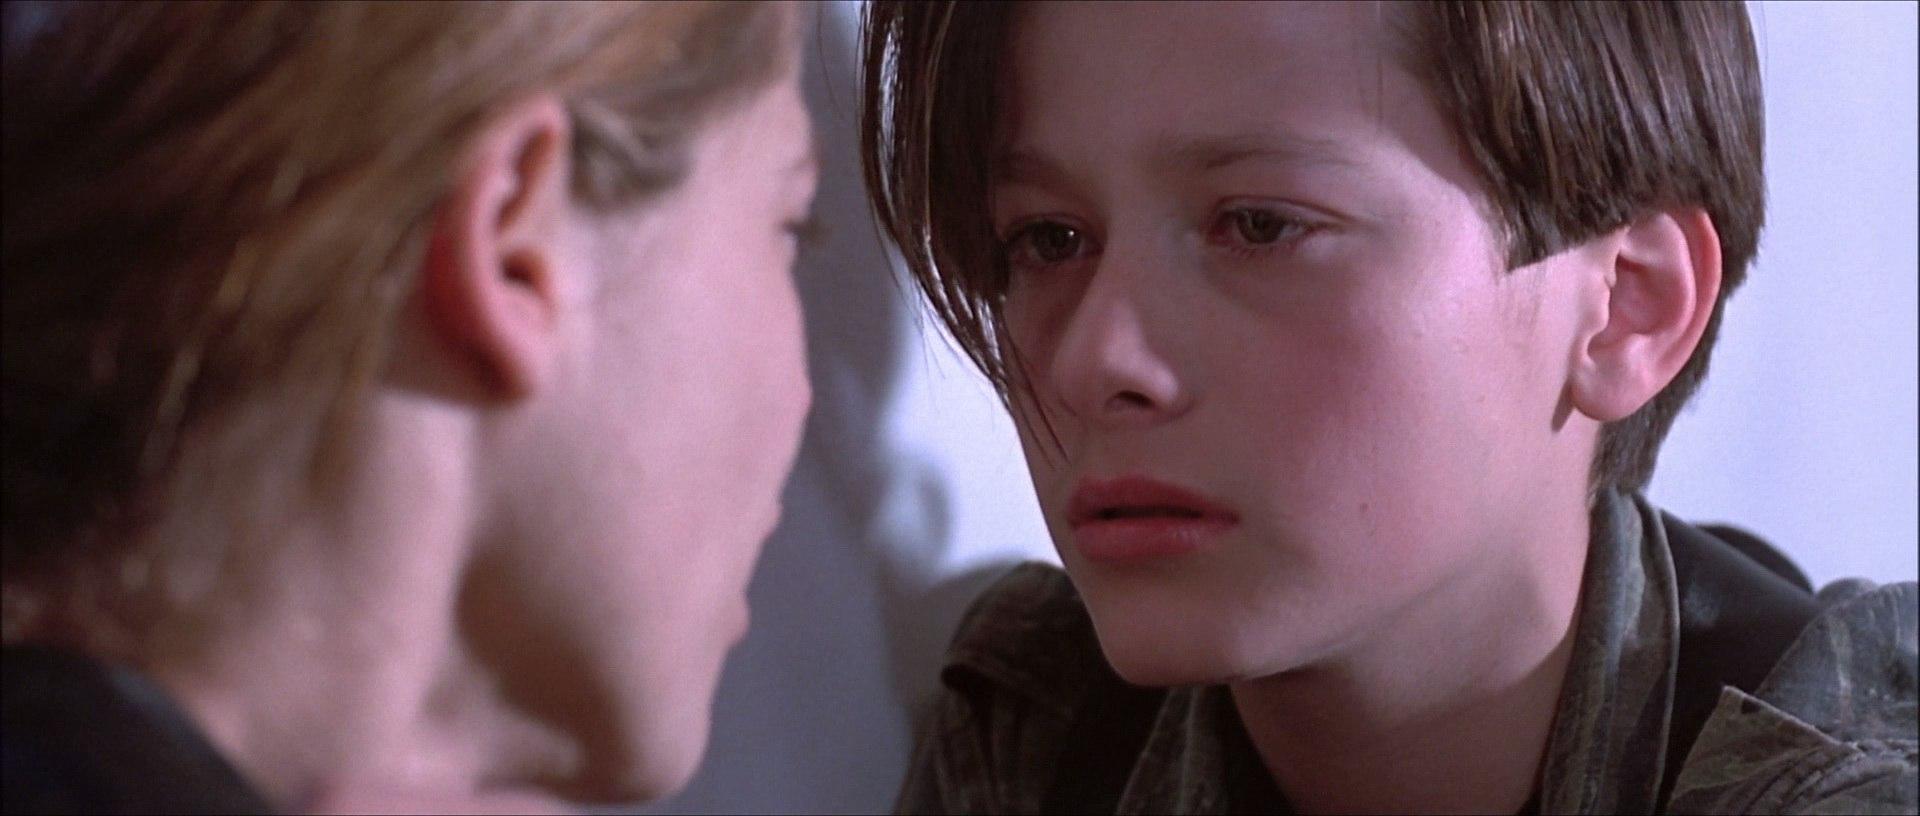 Девушка трется пиздой об лицо мальчика